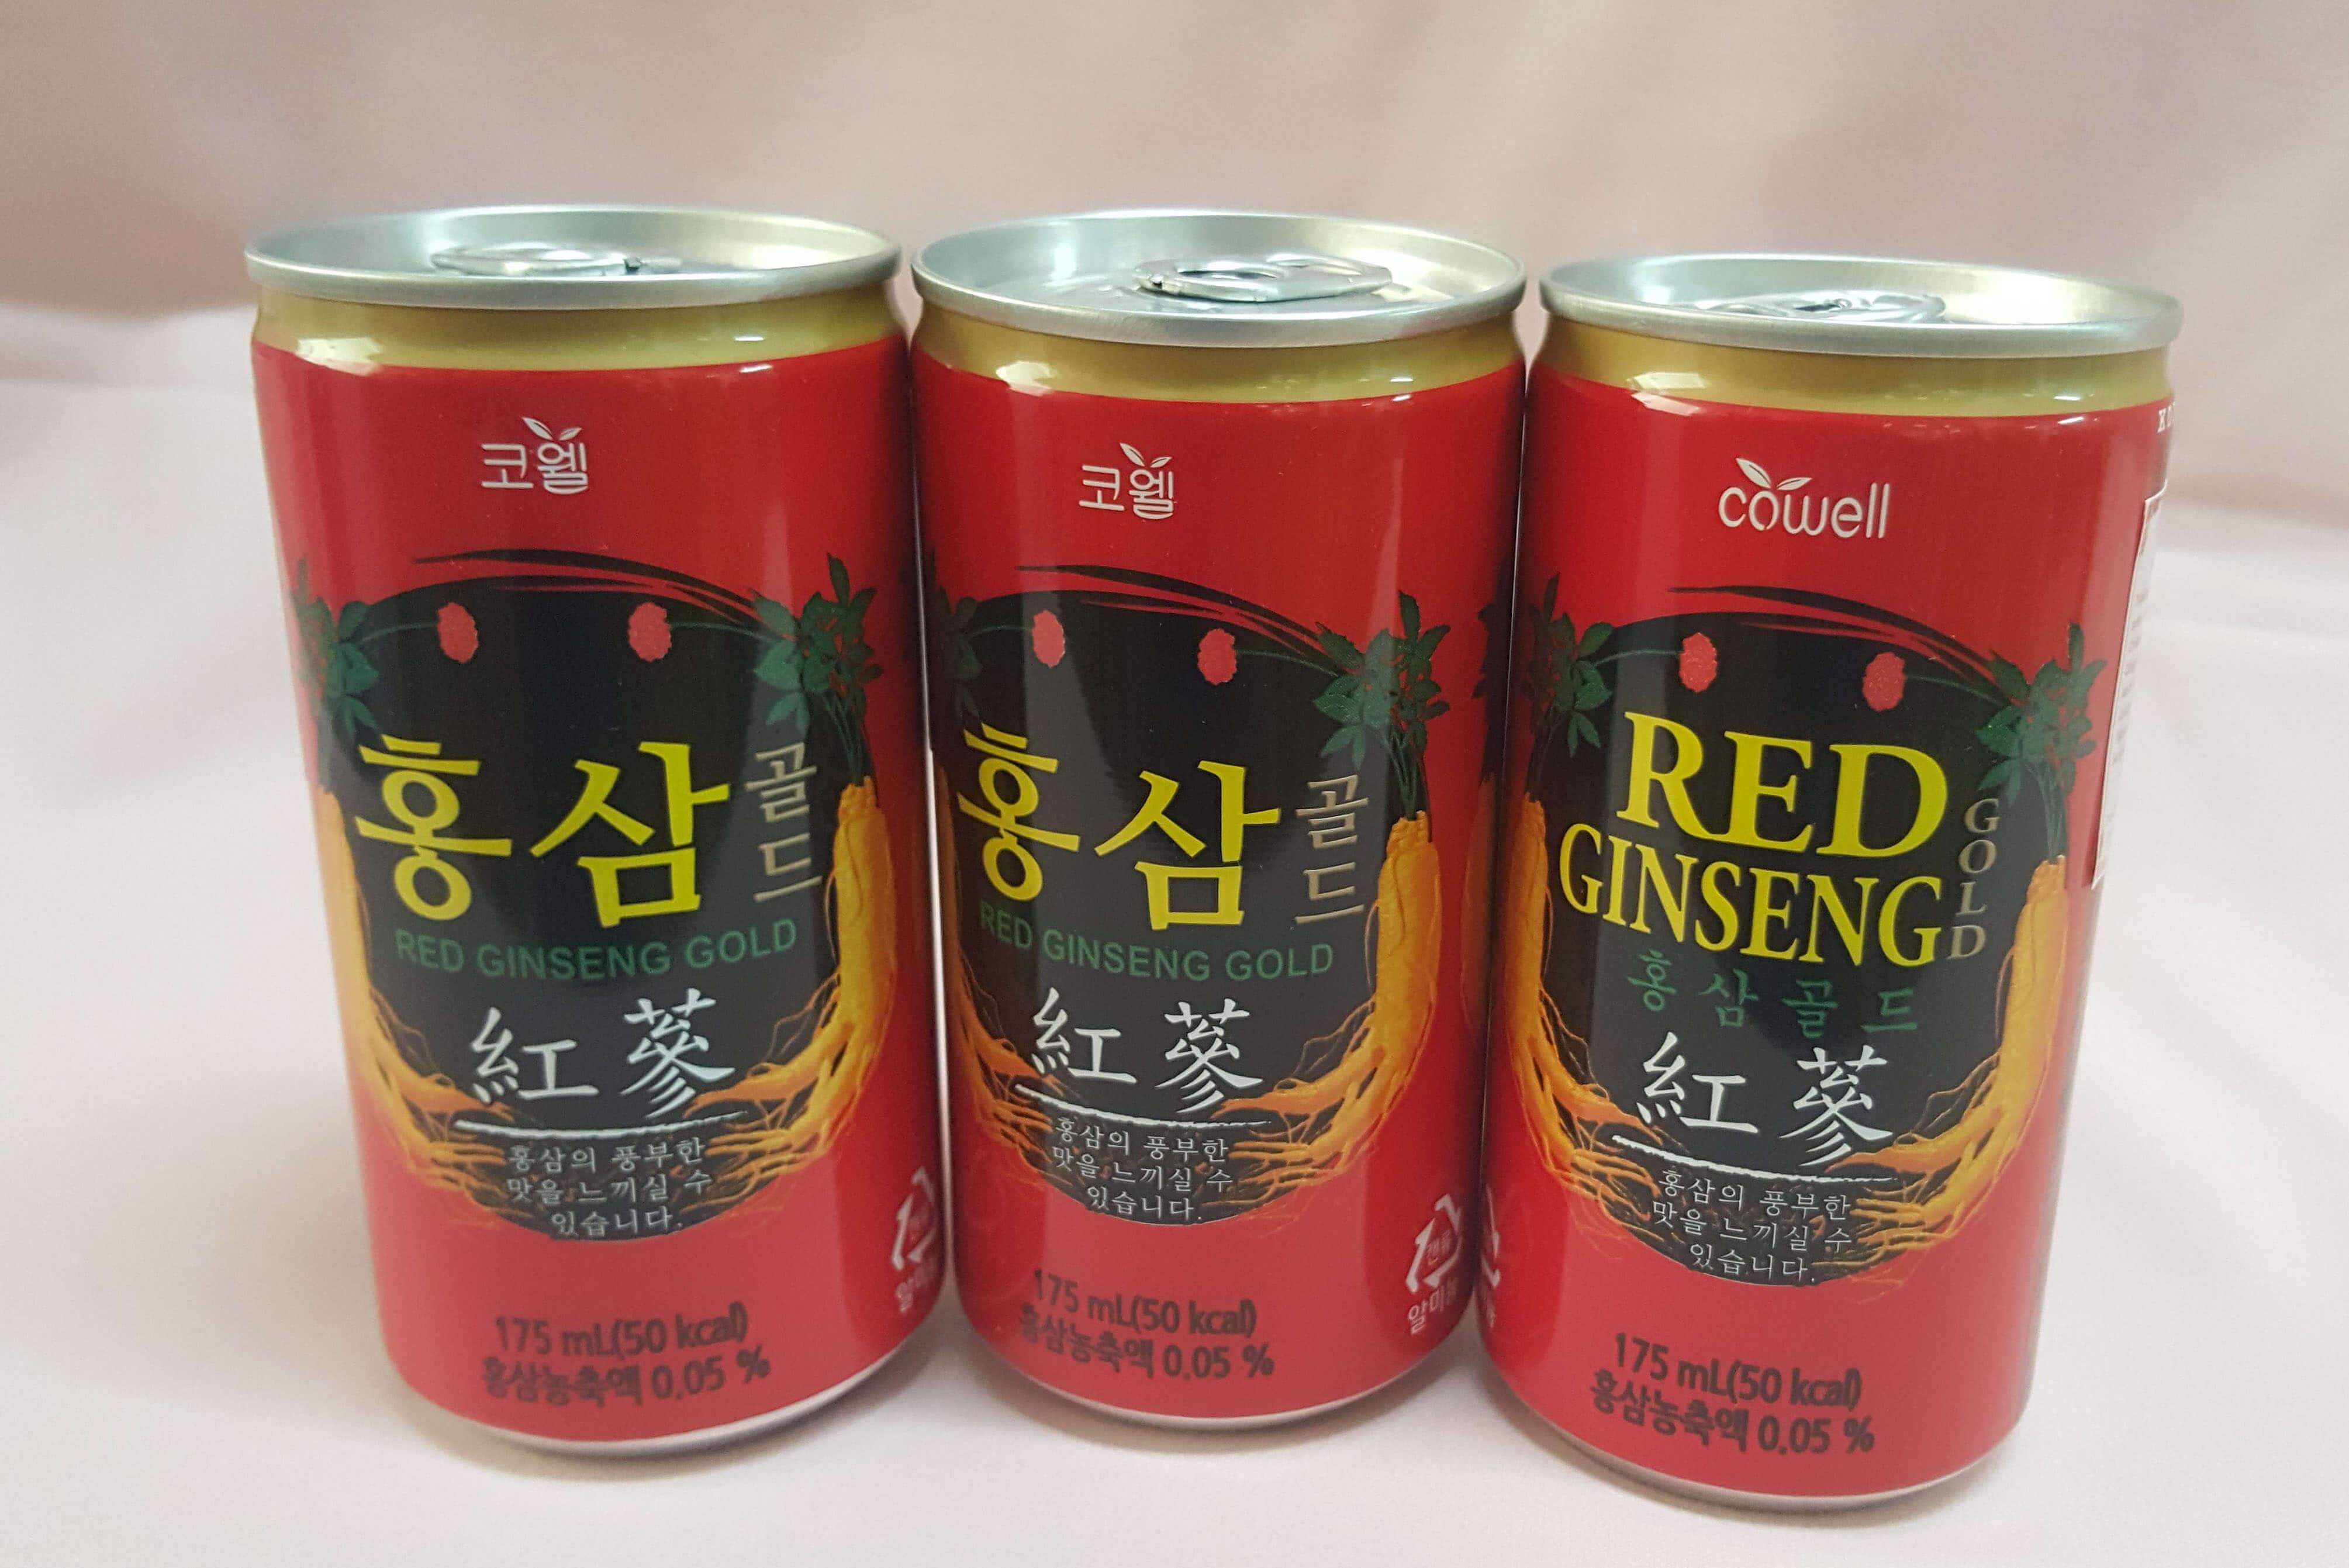 Hồng sâm lon Hàn Quốc Red Ginseng